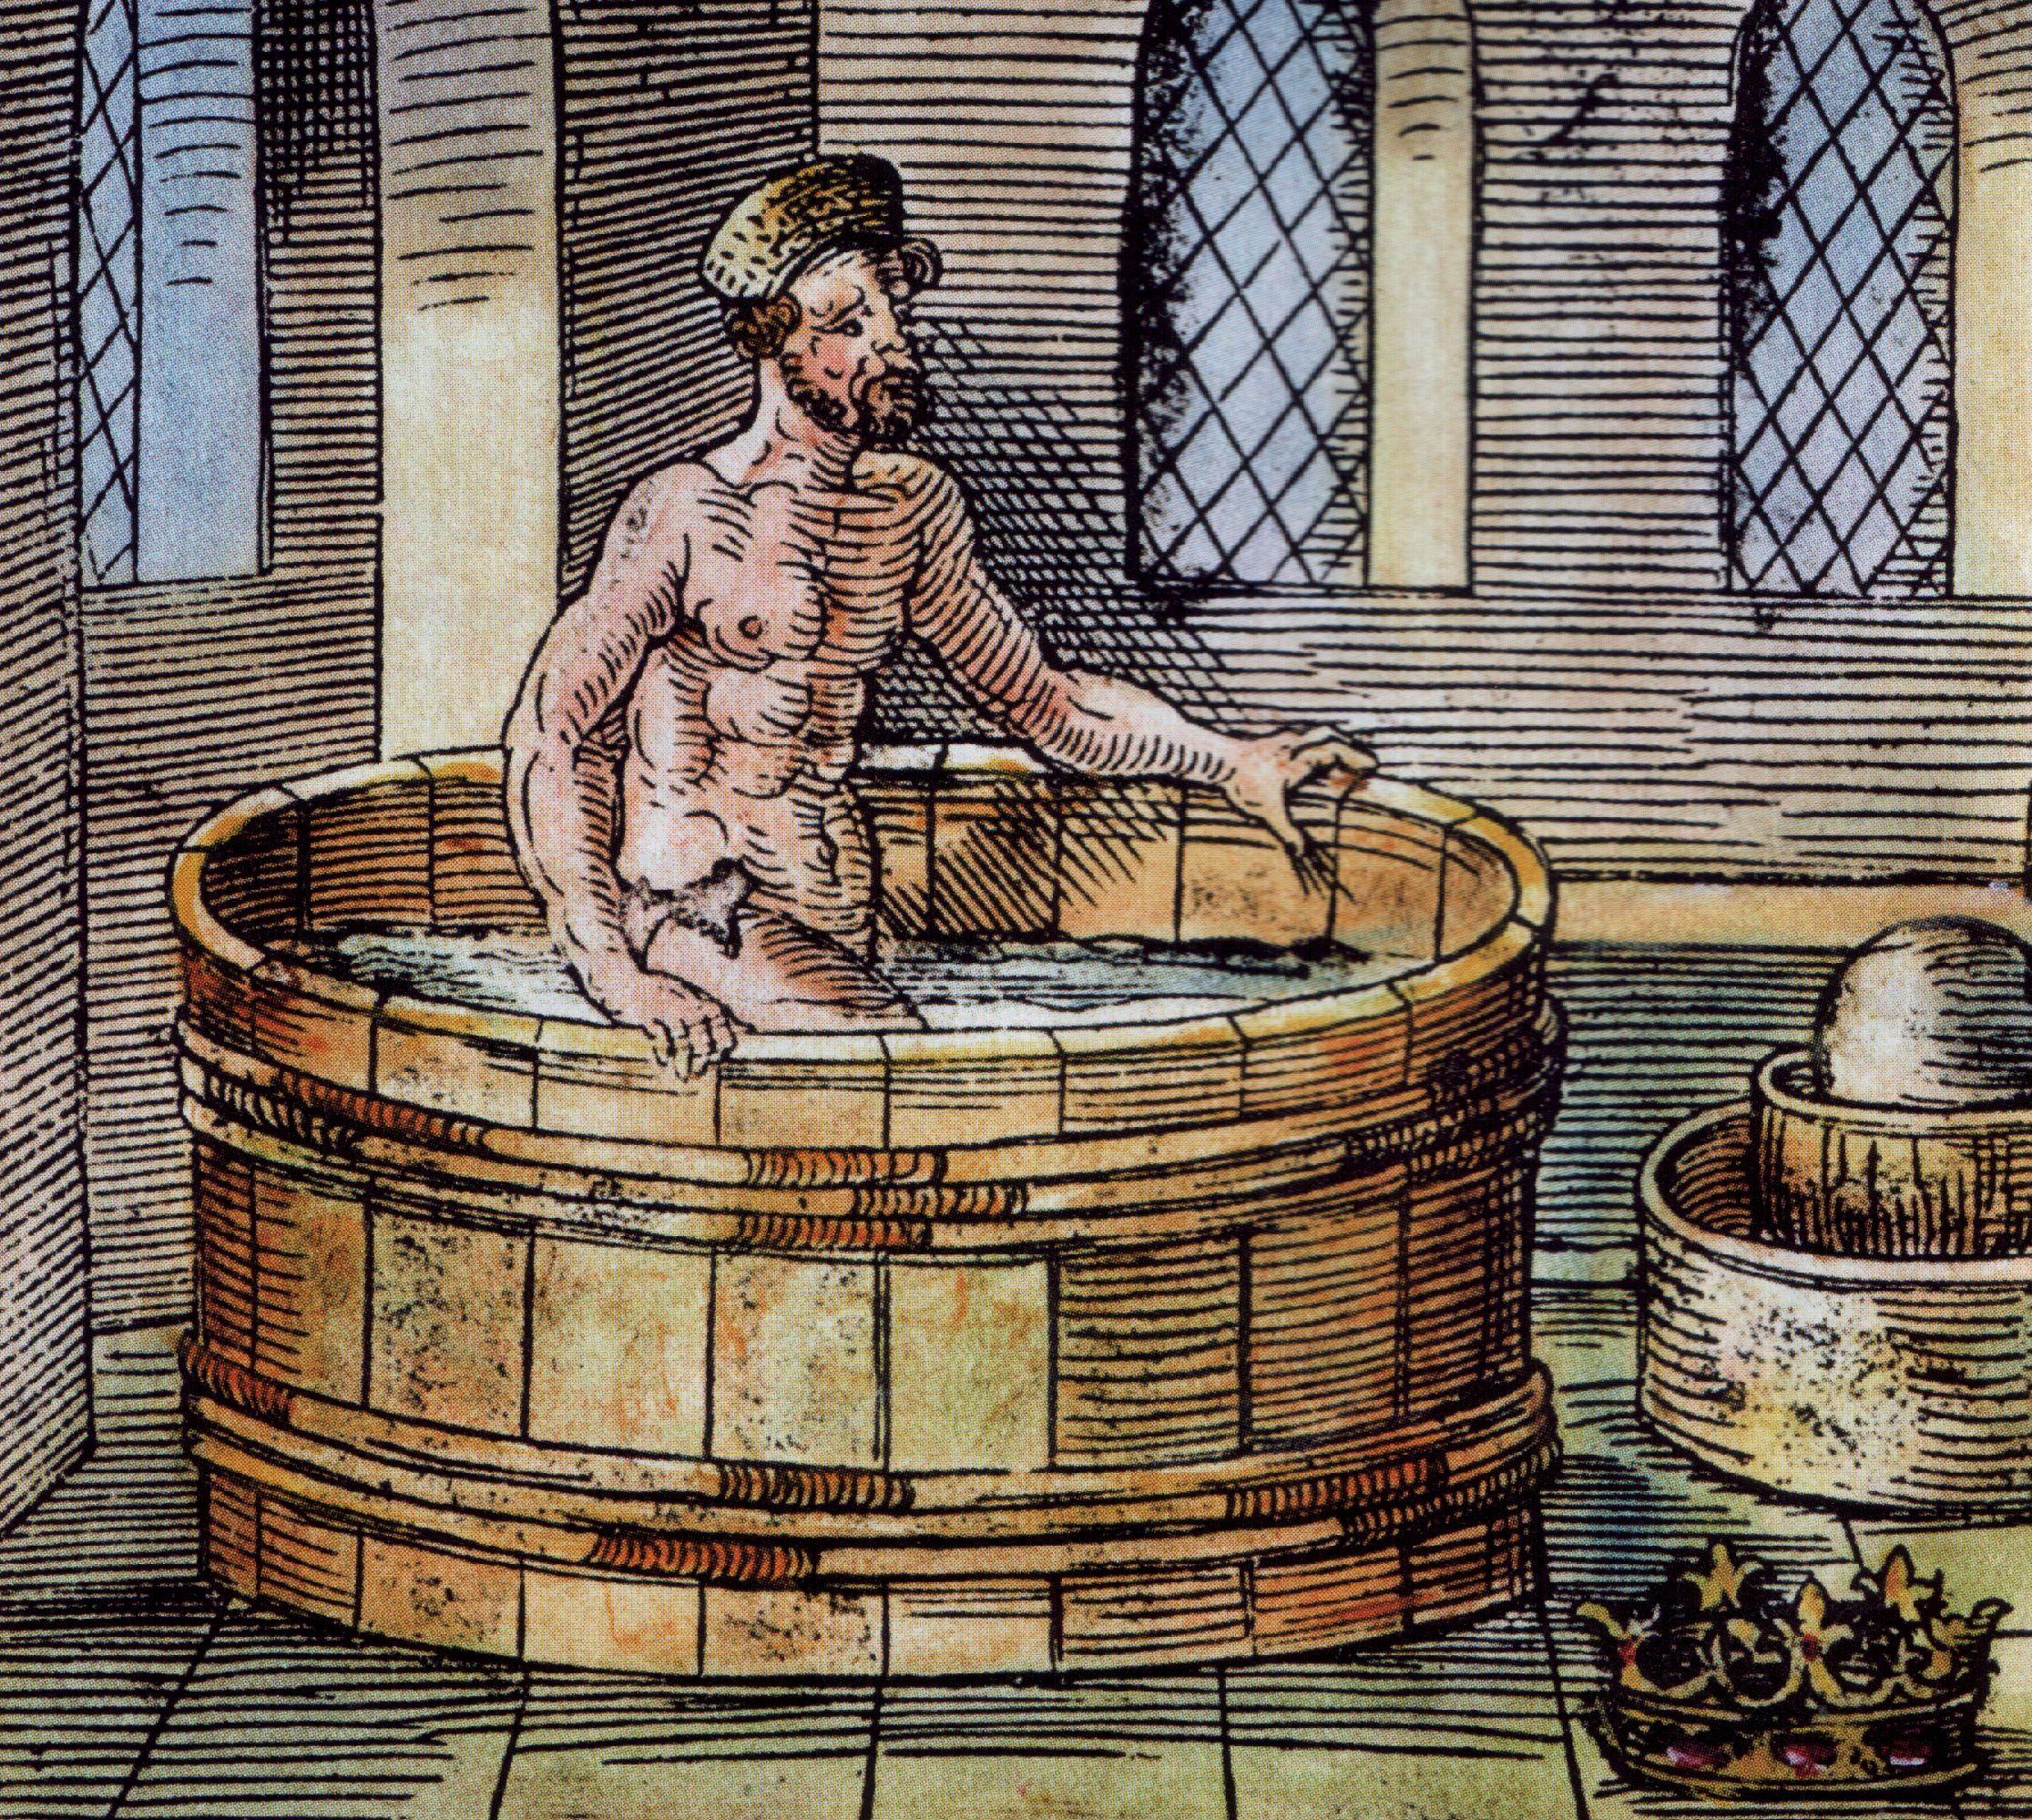 Gravura coloria em tons amarelados e amarronzados do filósofo, nu, dentro de uma banheira redonda.